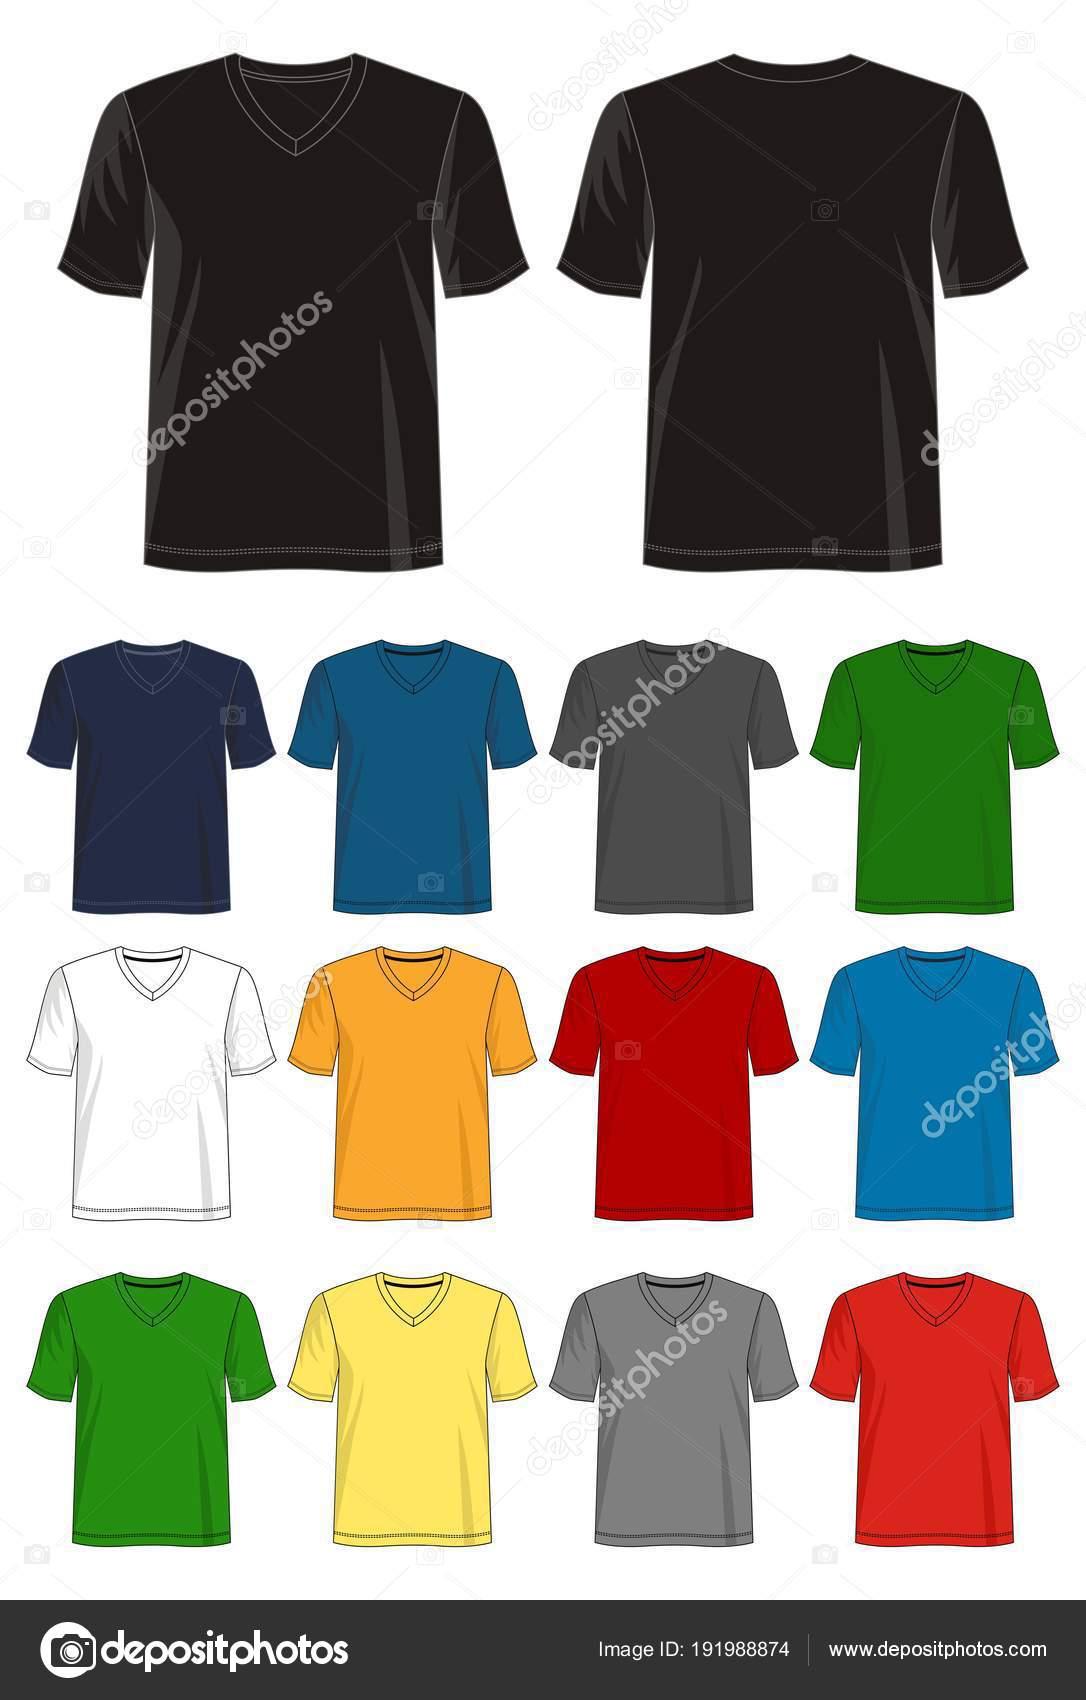 44c6175e36 Modello Colore Uomini Gli Disegno Vettoriale Con Camicia Collezione  srdBtChQx